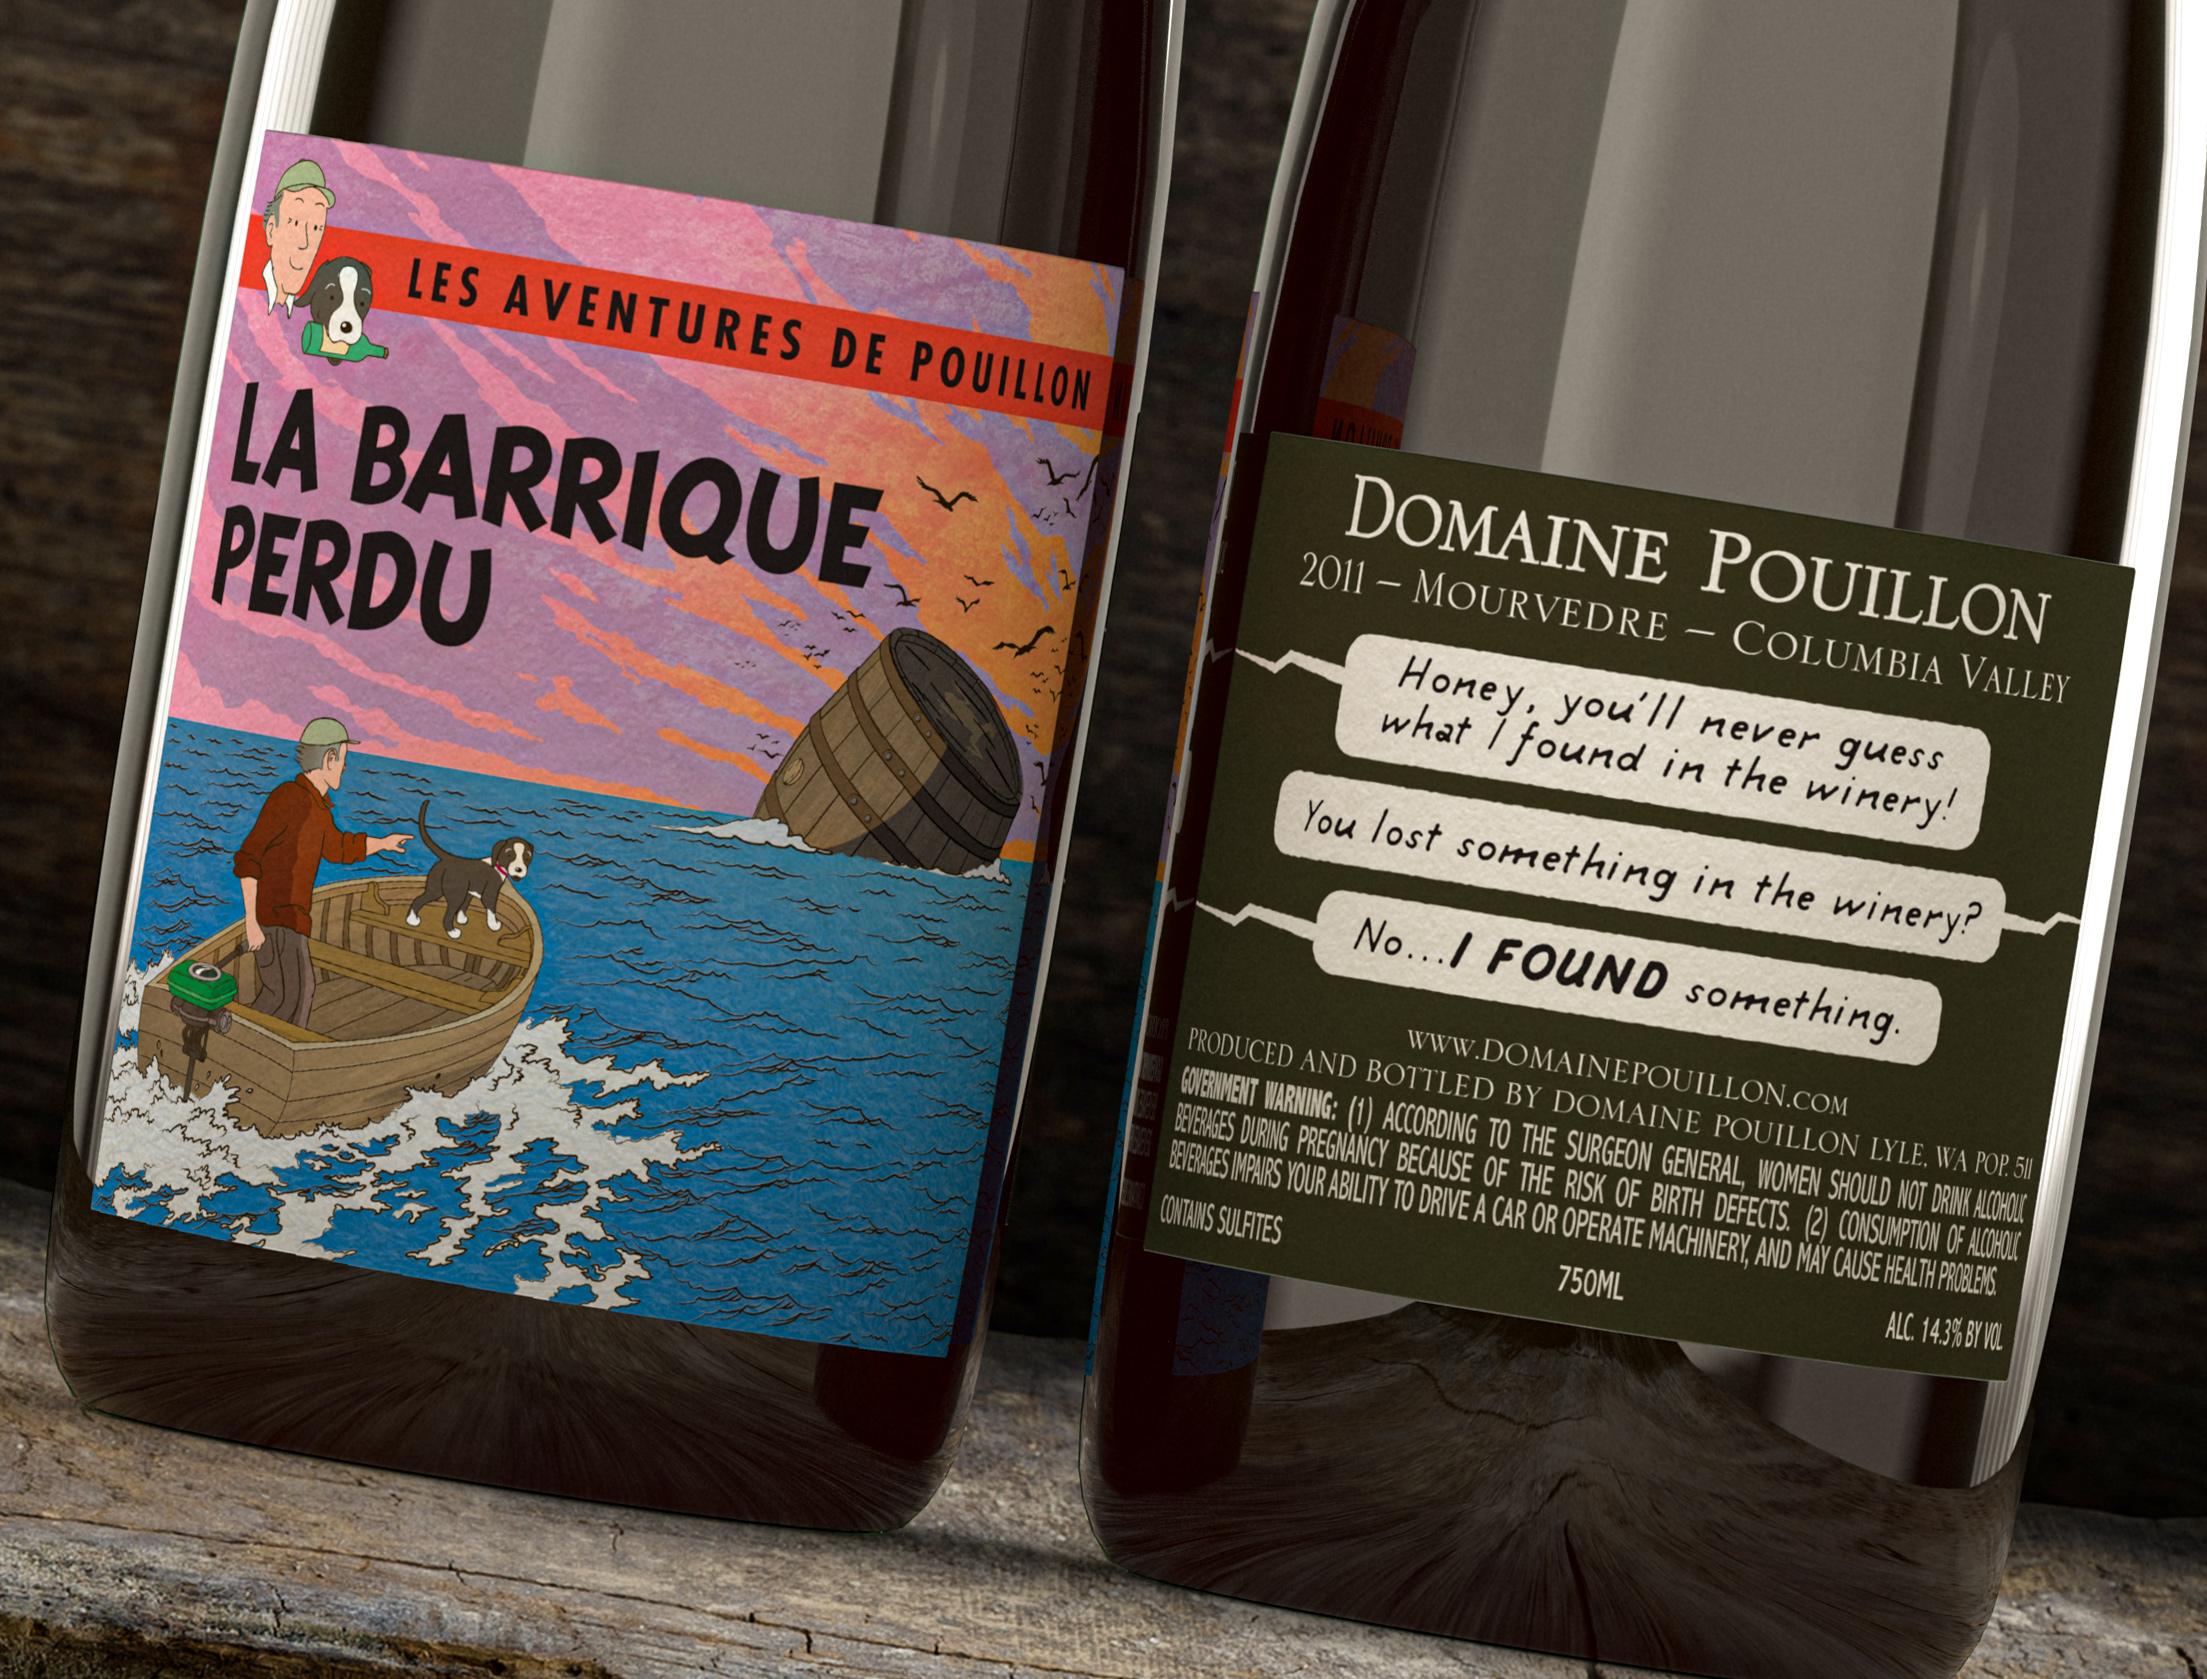 *Domaine Pouillon Cover –  La Barrique Perdu (The Lost Barrel) Close-up